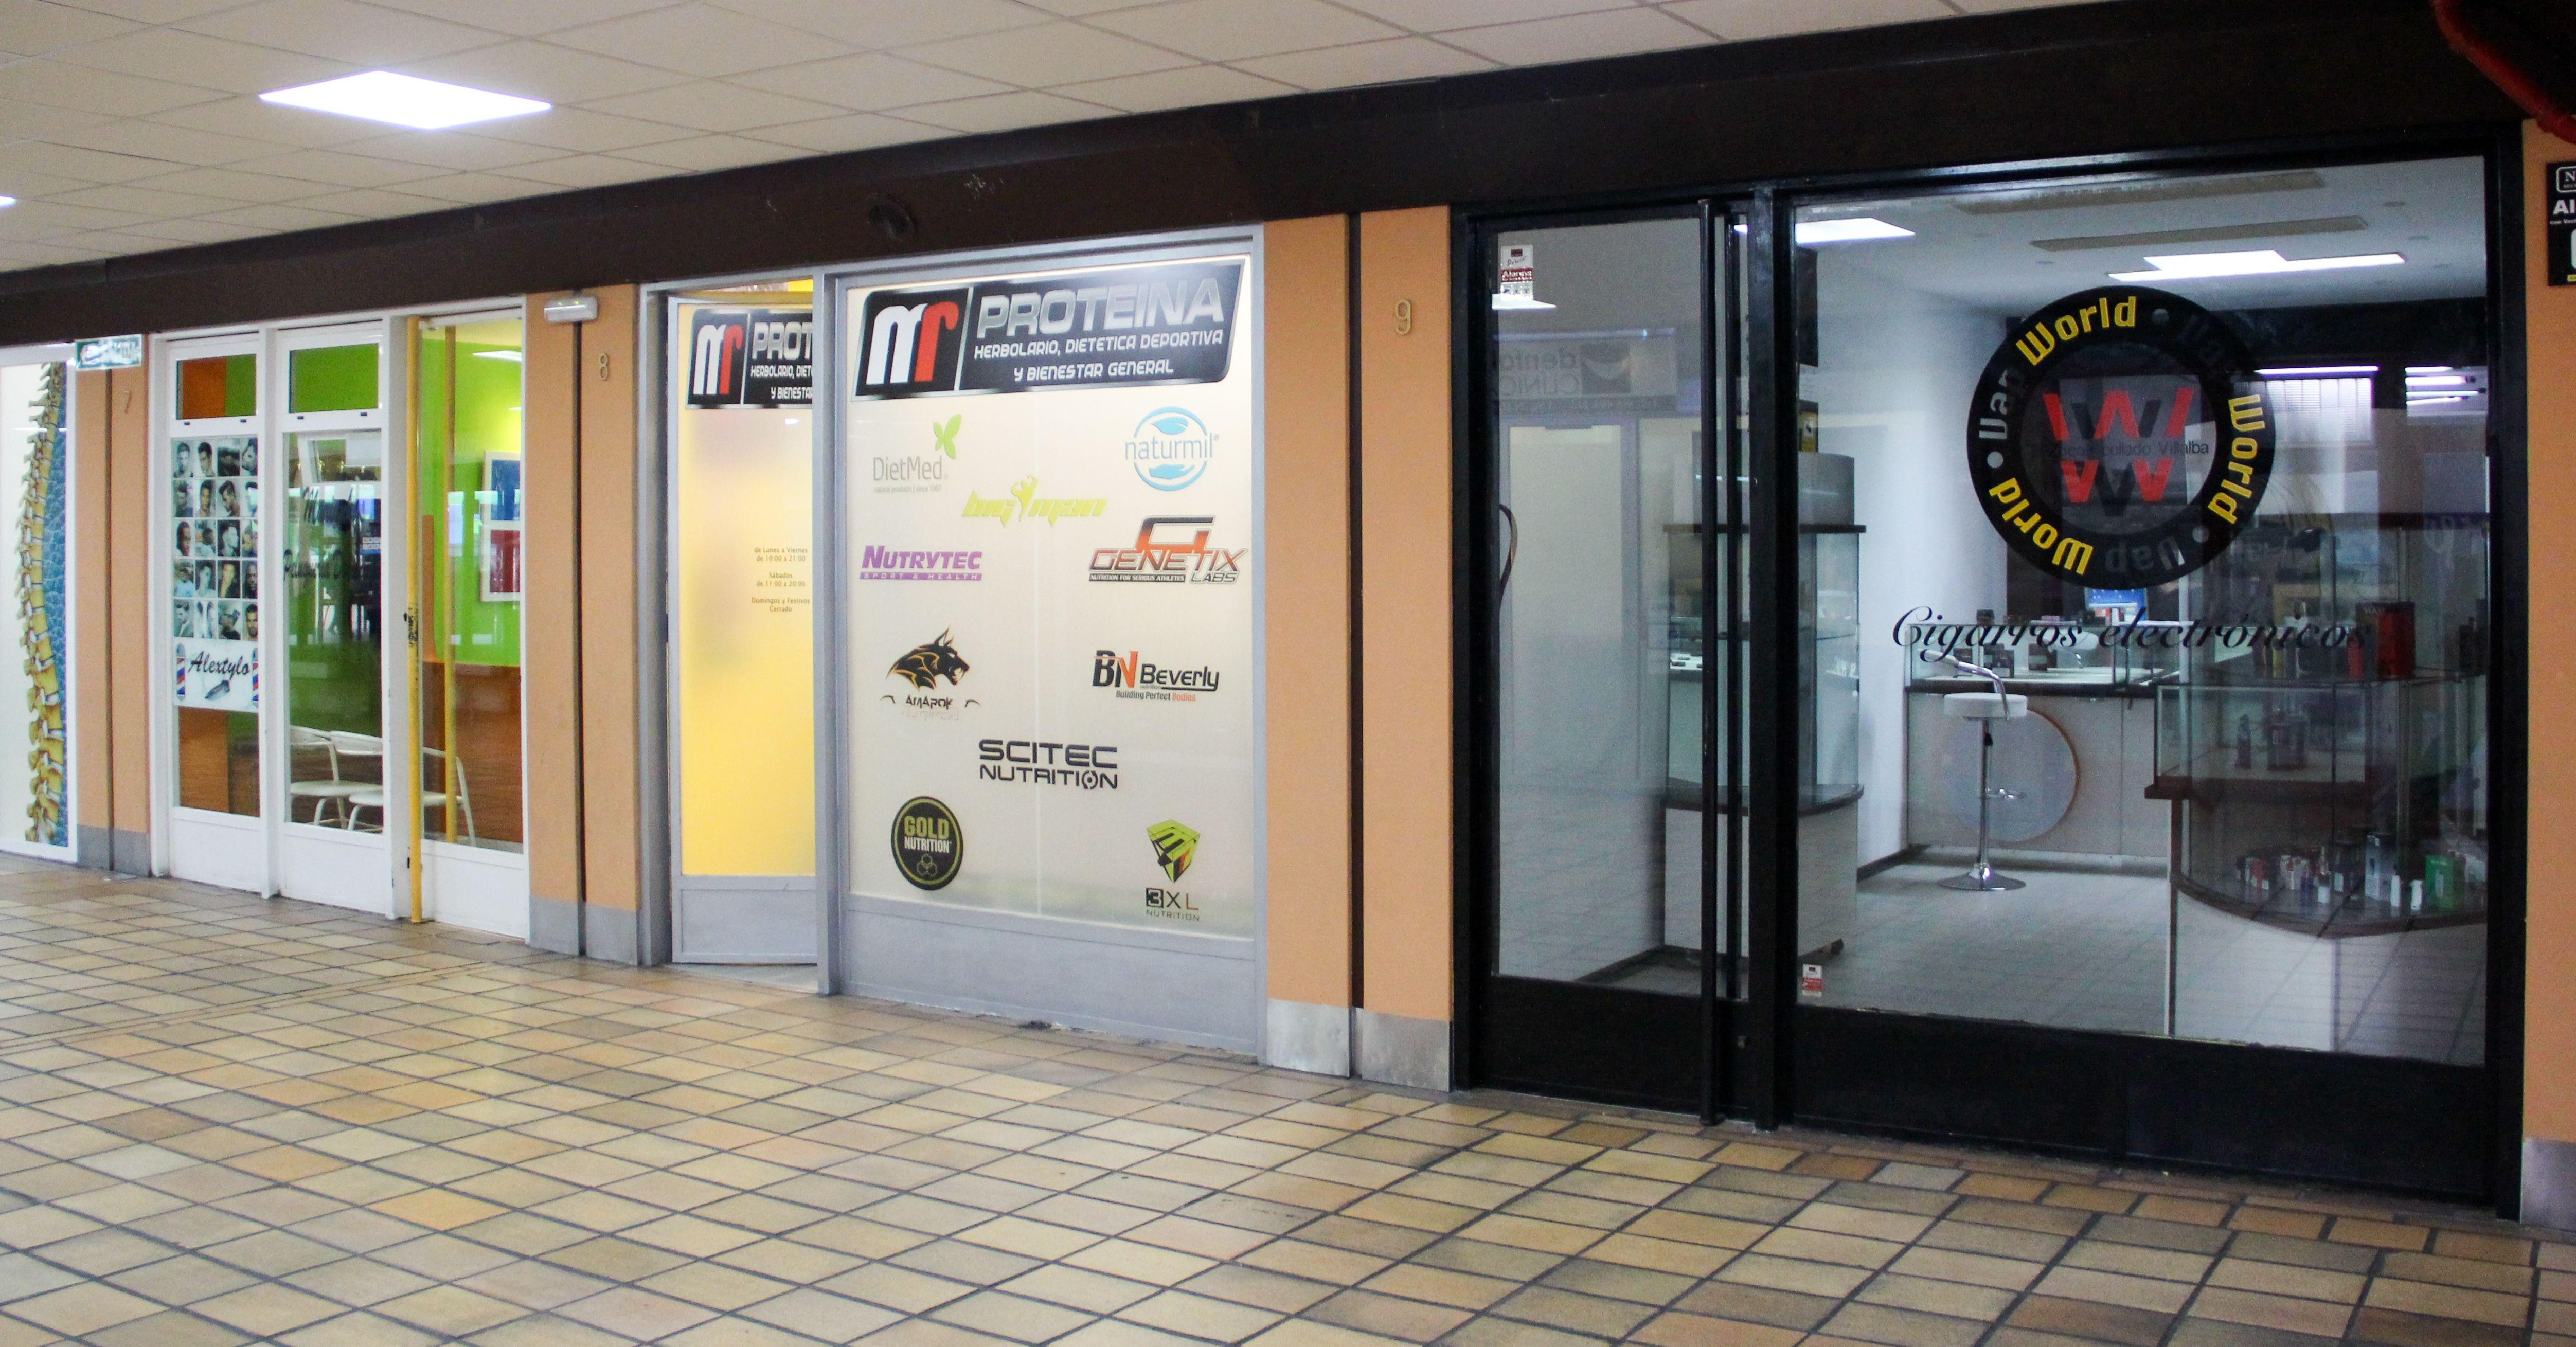 Tenemos una oferta comercial variada en el Centro Comercial Zoco de Villalba